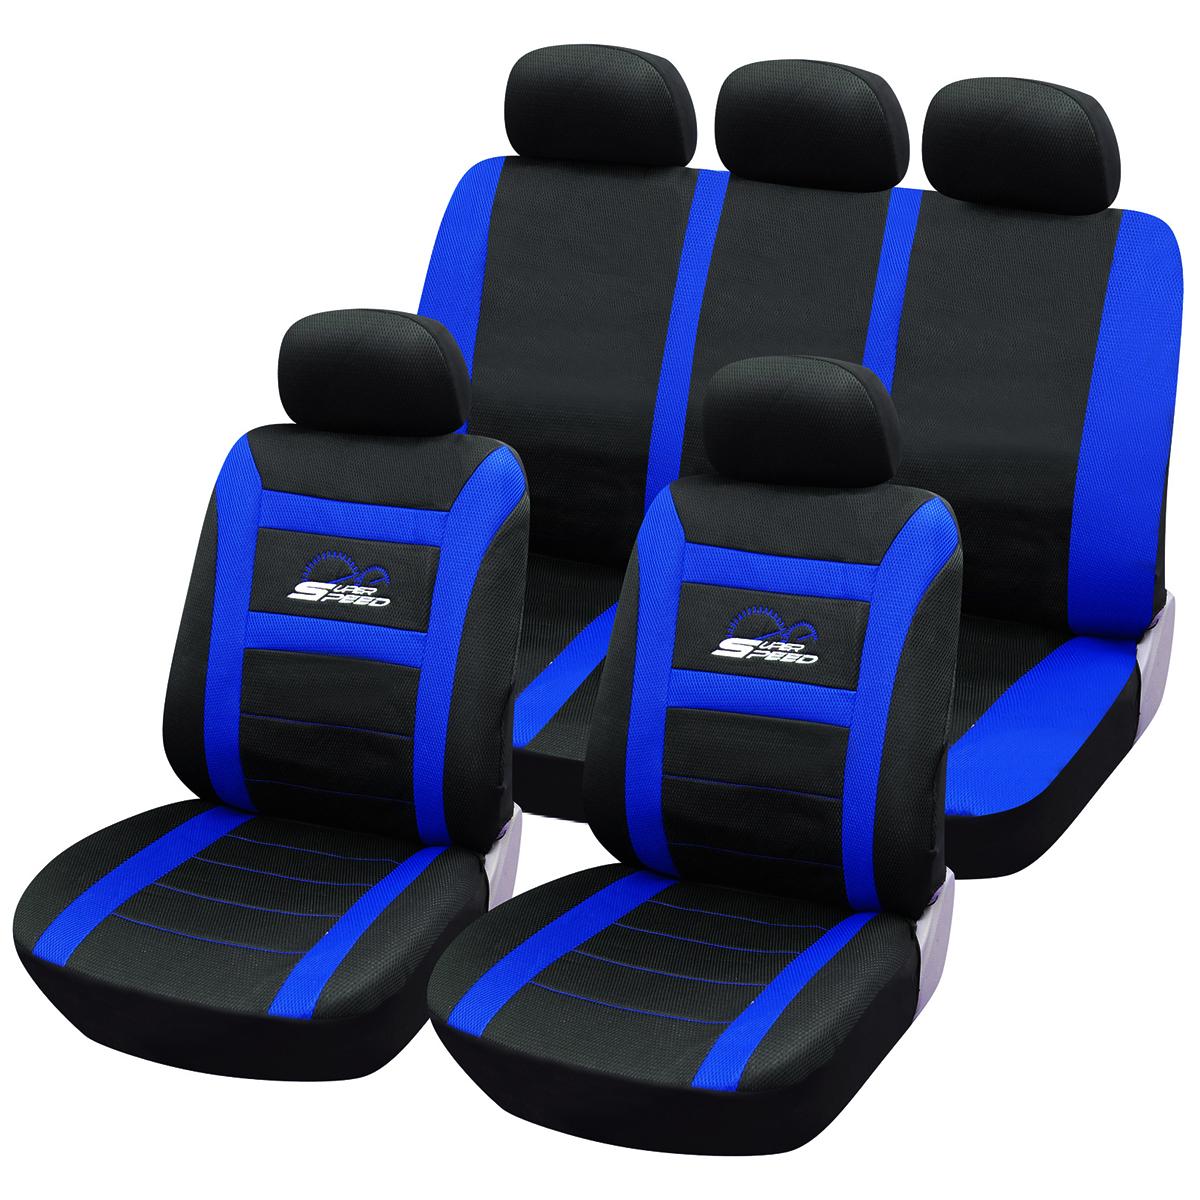 auto sitzbez ge sitzbezug schoner f r pkw ohne seitenairbag schwarz blau as7260 ebay. Black Bedroom Furniture Sets. Home Design Ideas